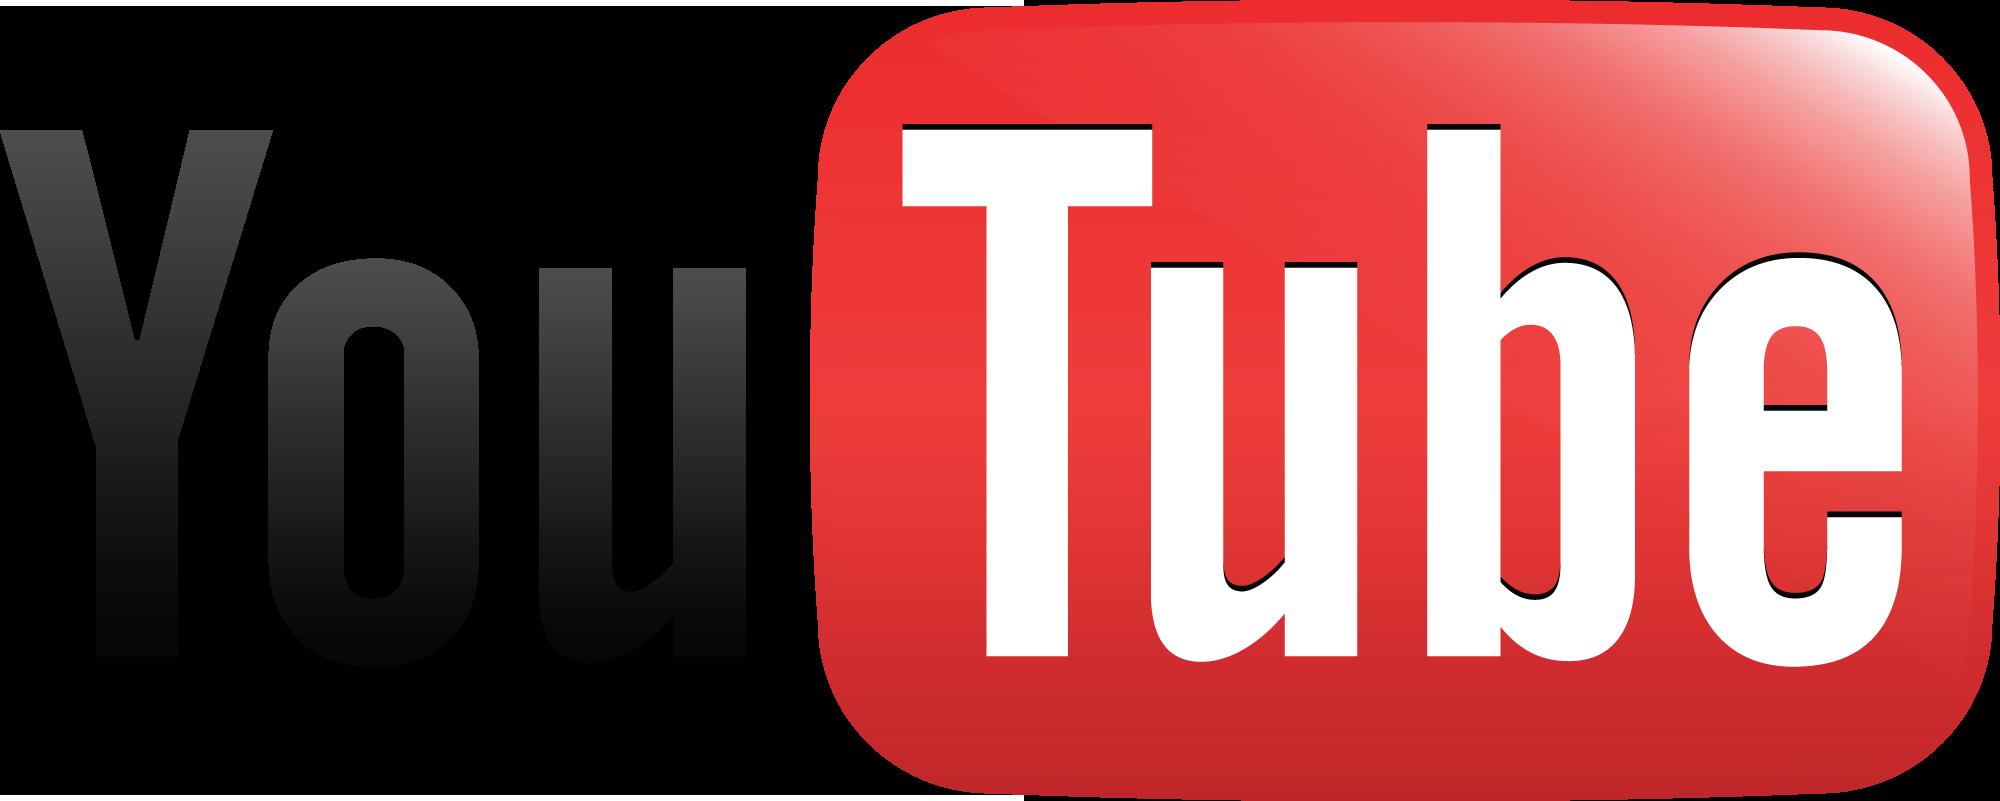 логотип Ютуба (logo YouTube)